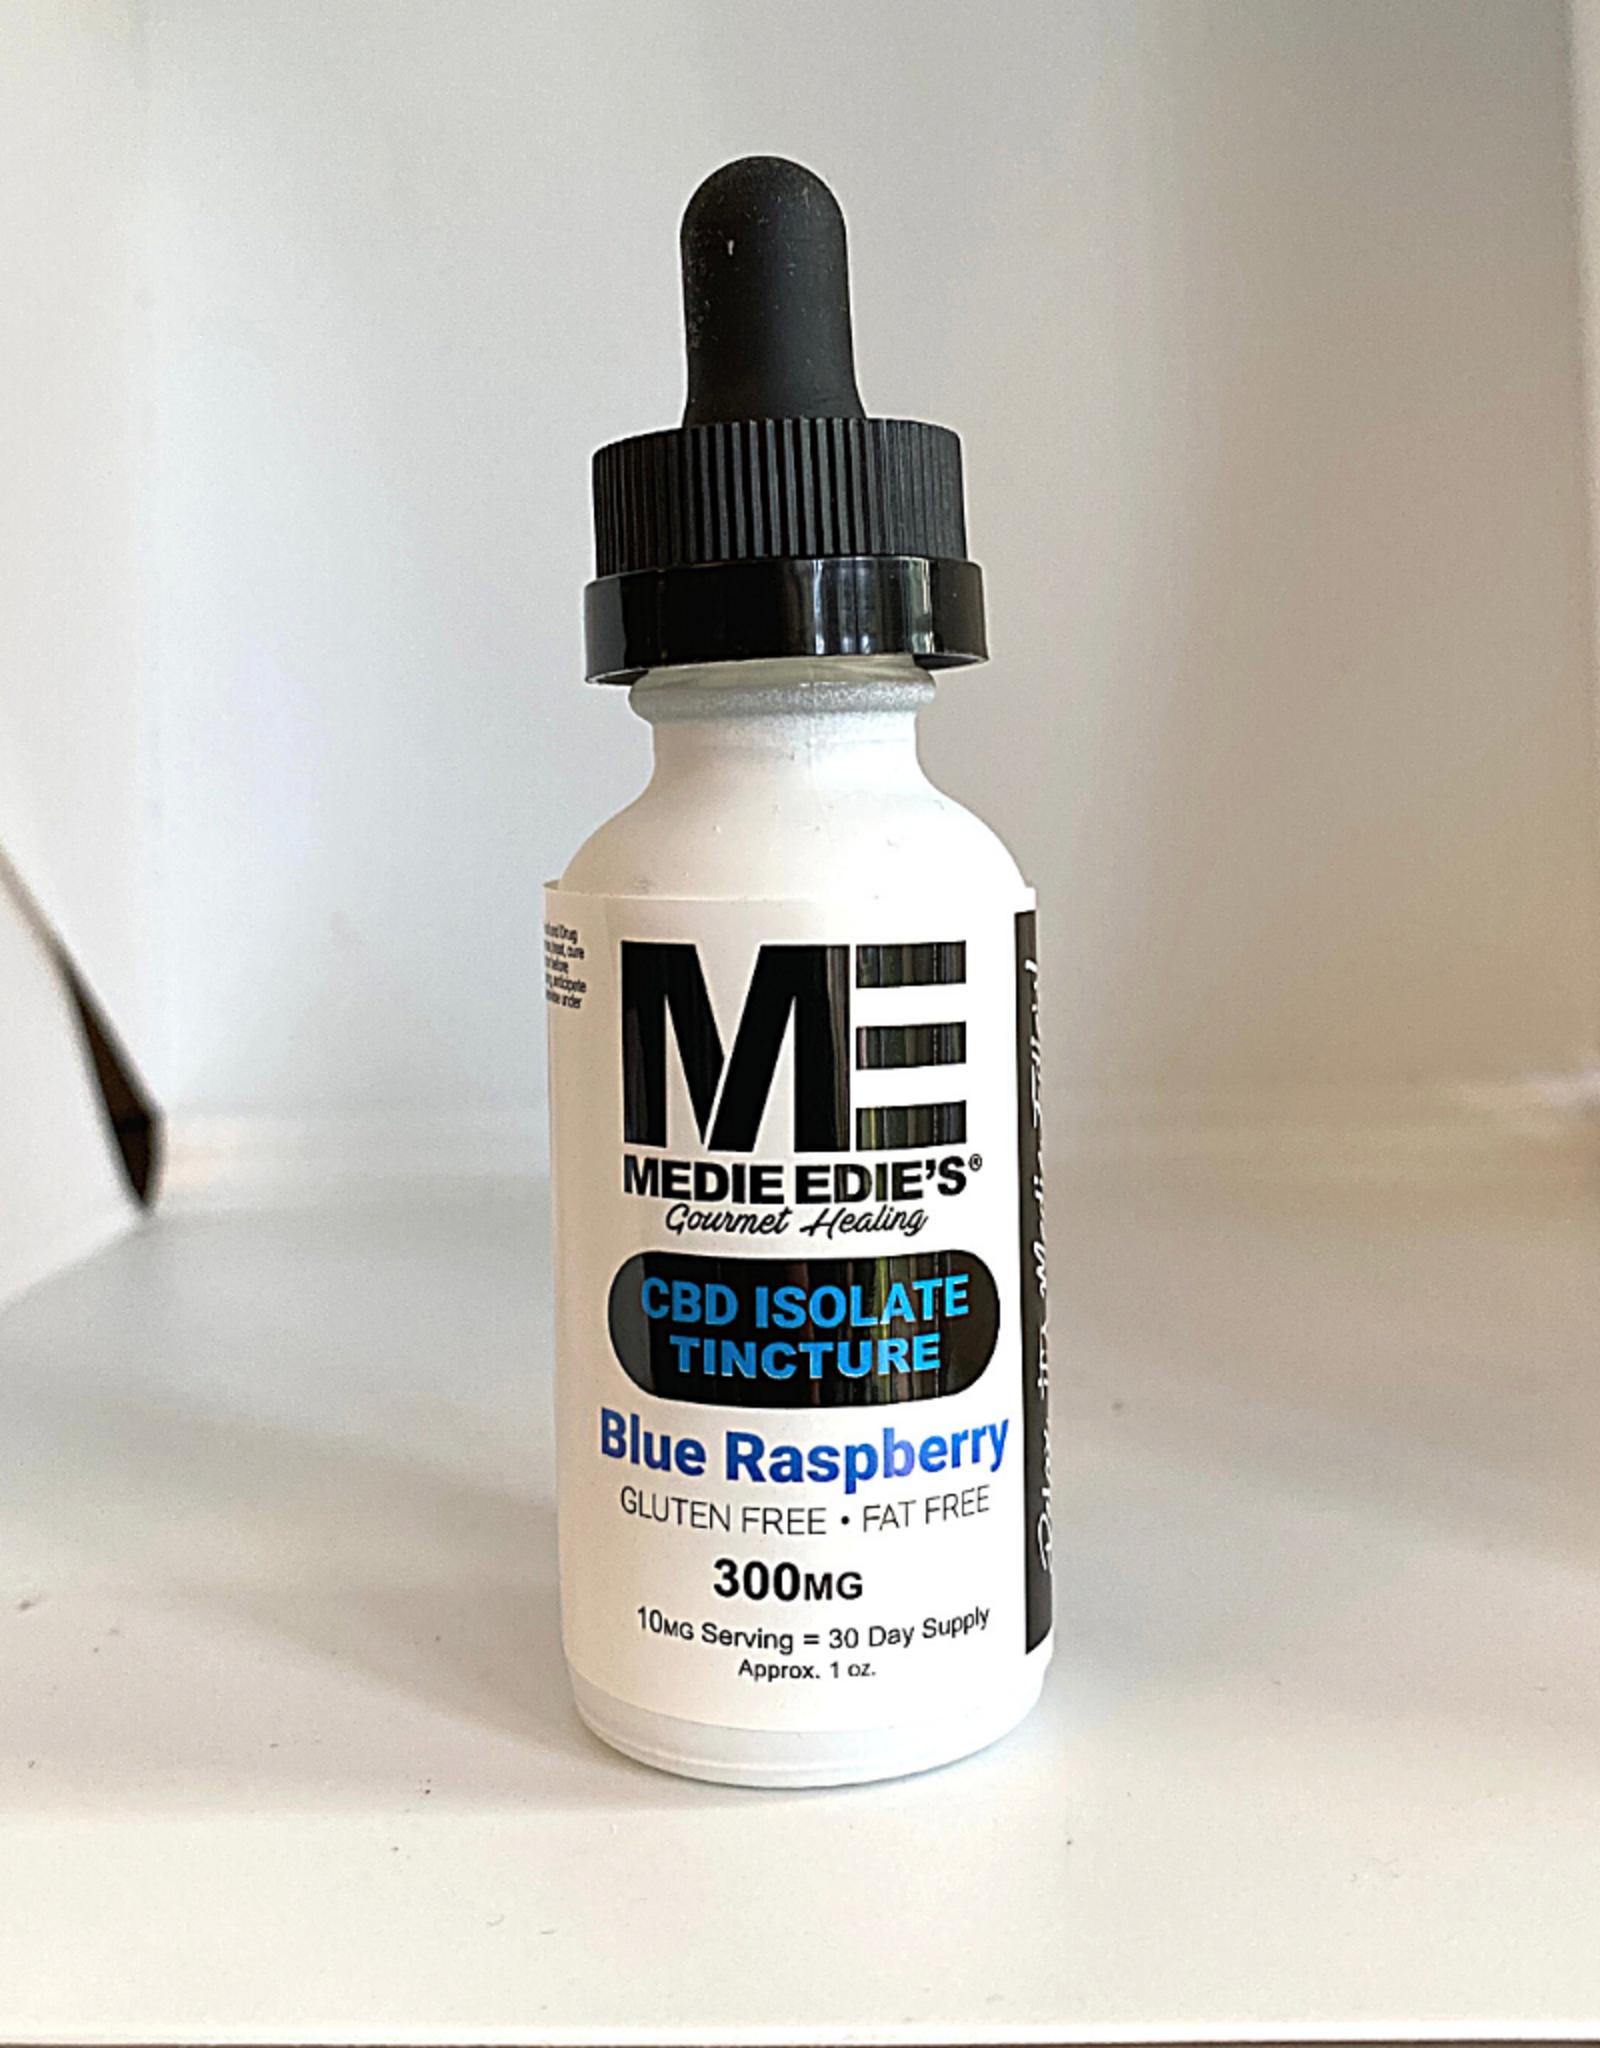 Medie Edie's Medie Edie's  30ml CBD Tincture Blue Raspberry - 10mg.300mg